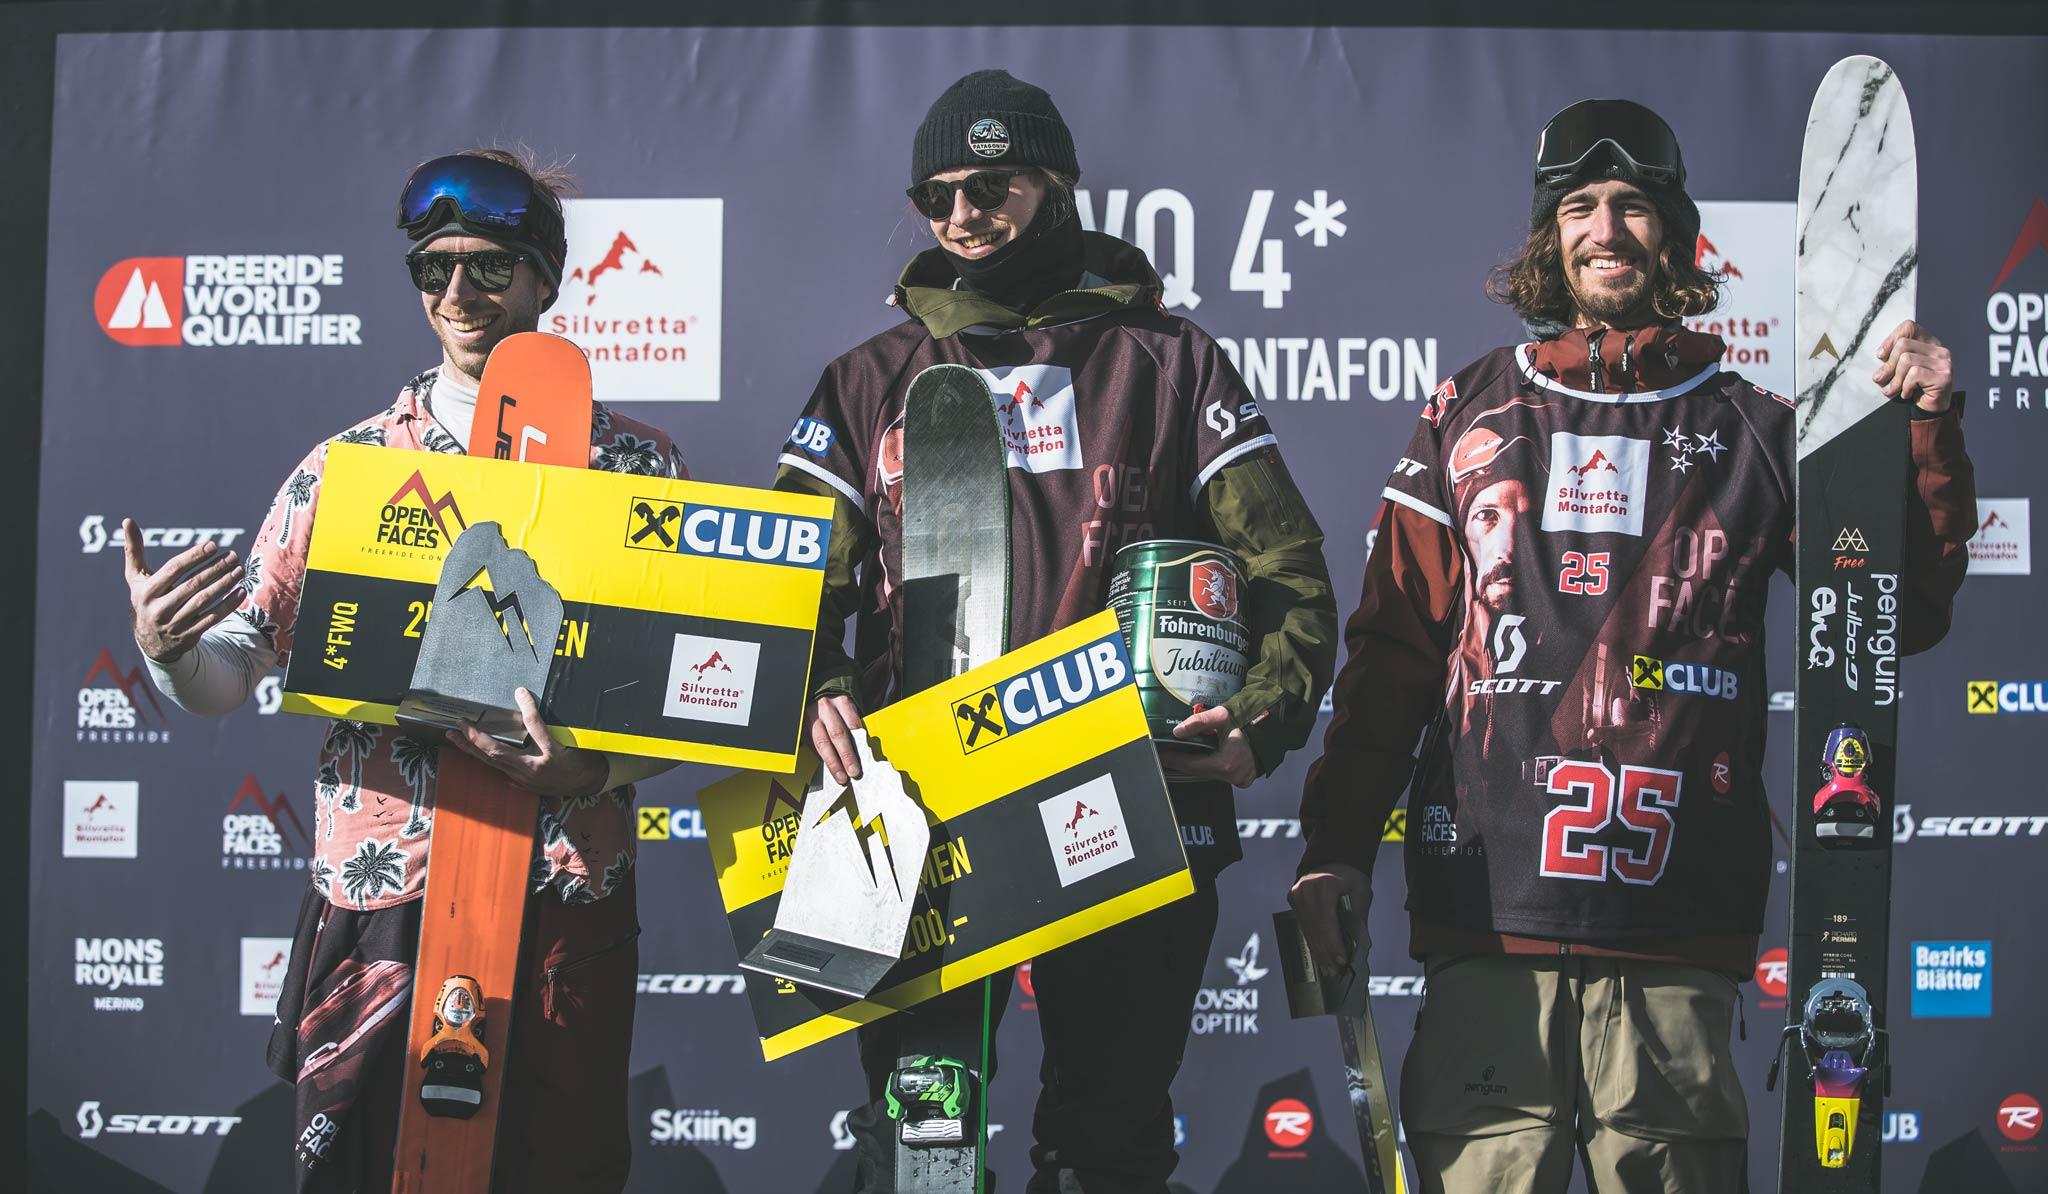 Die drei besten Männer: Maël Ollivier (FRA), Måns Fors Källstrand (SWE), Sebastian Hiersche (AUT) - Foto: Maria Knoll